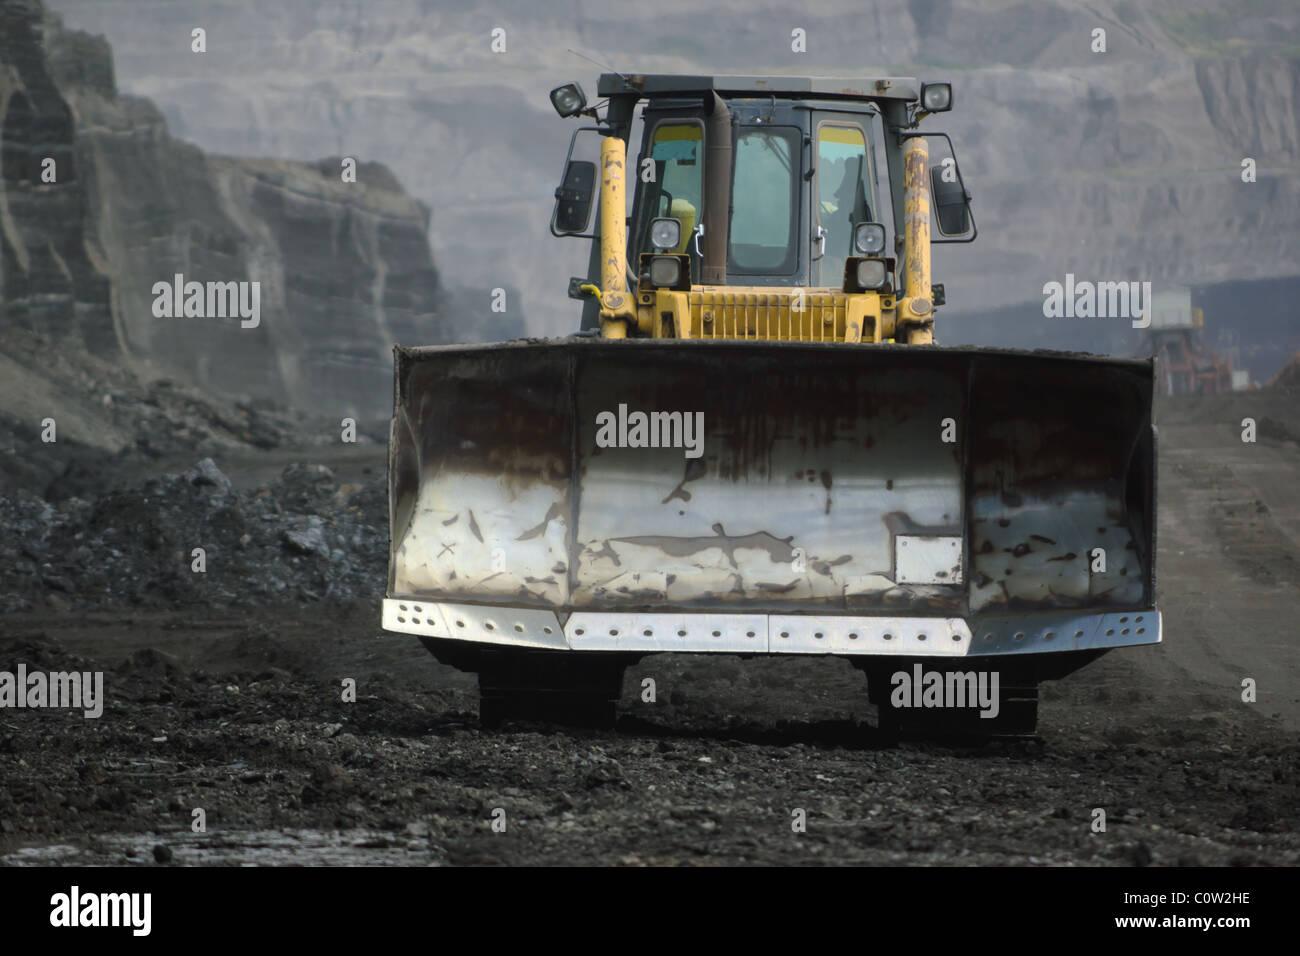 bulldozer in coal mine - Stock Image